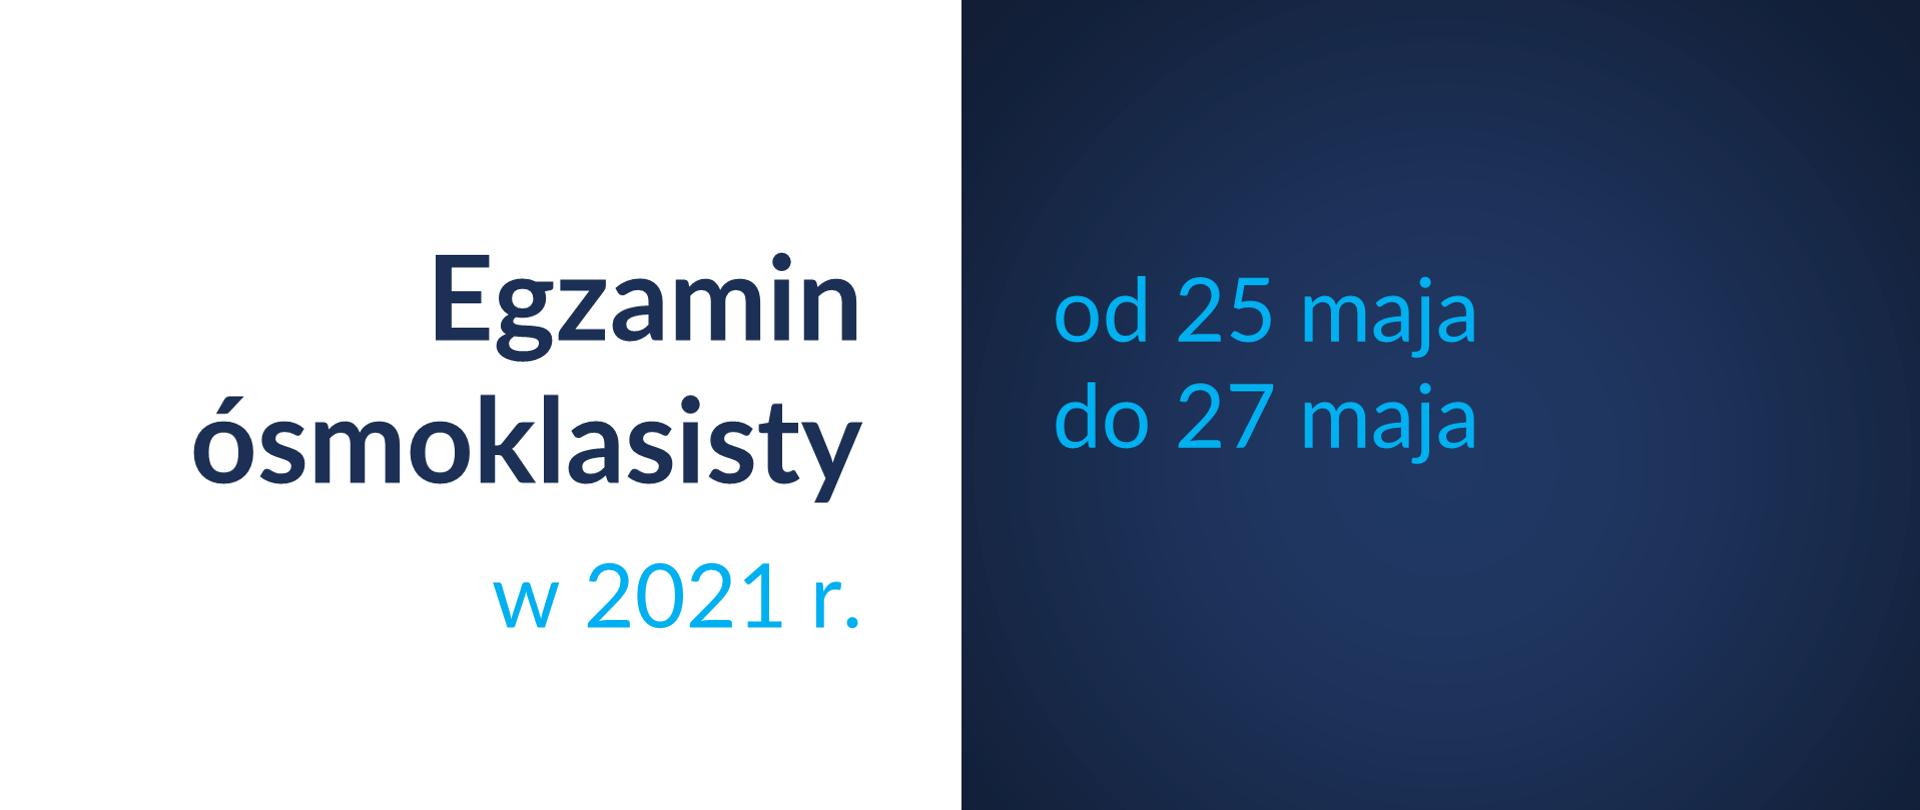 Szczegółowe procedury przeprowadzenia Egzaminu ósmoklasisty w 2021 roku.